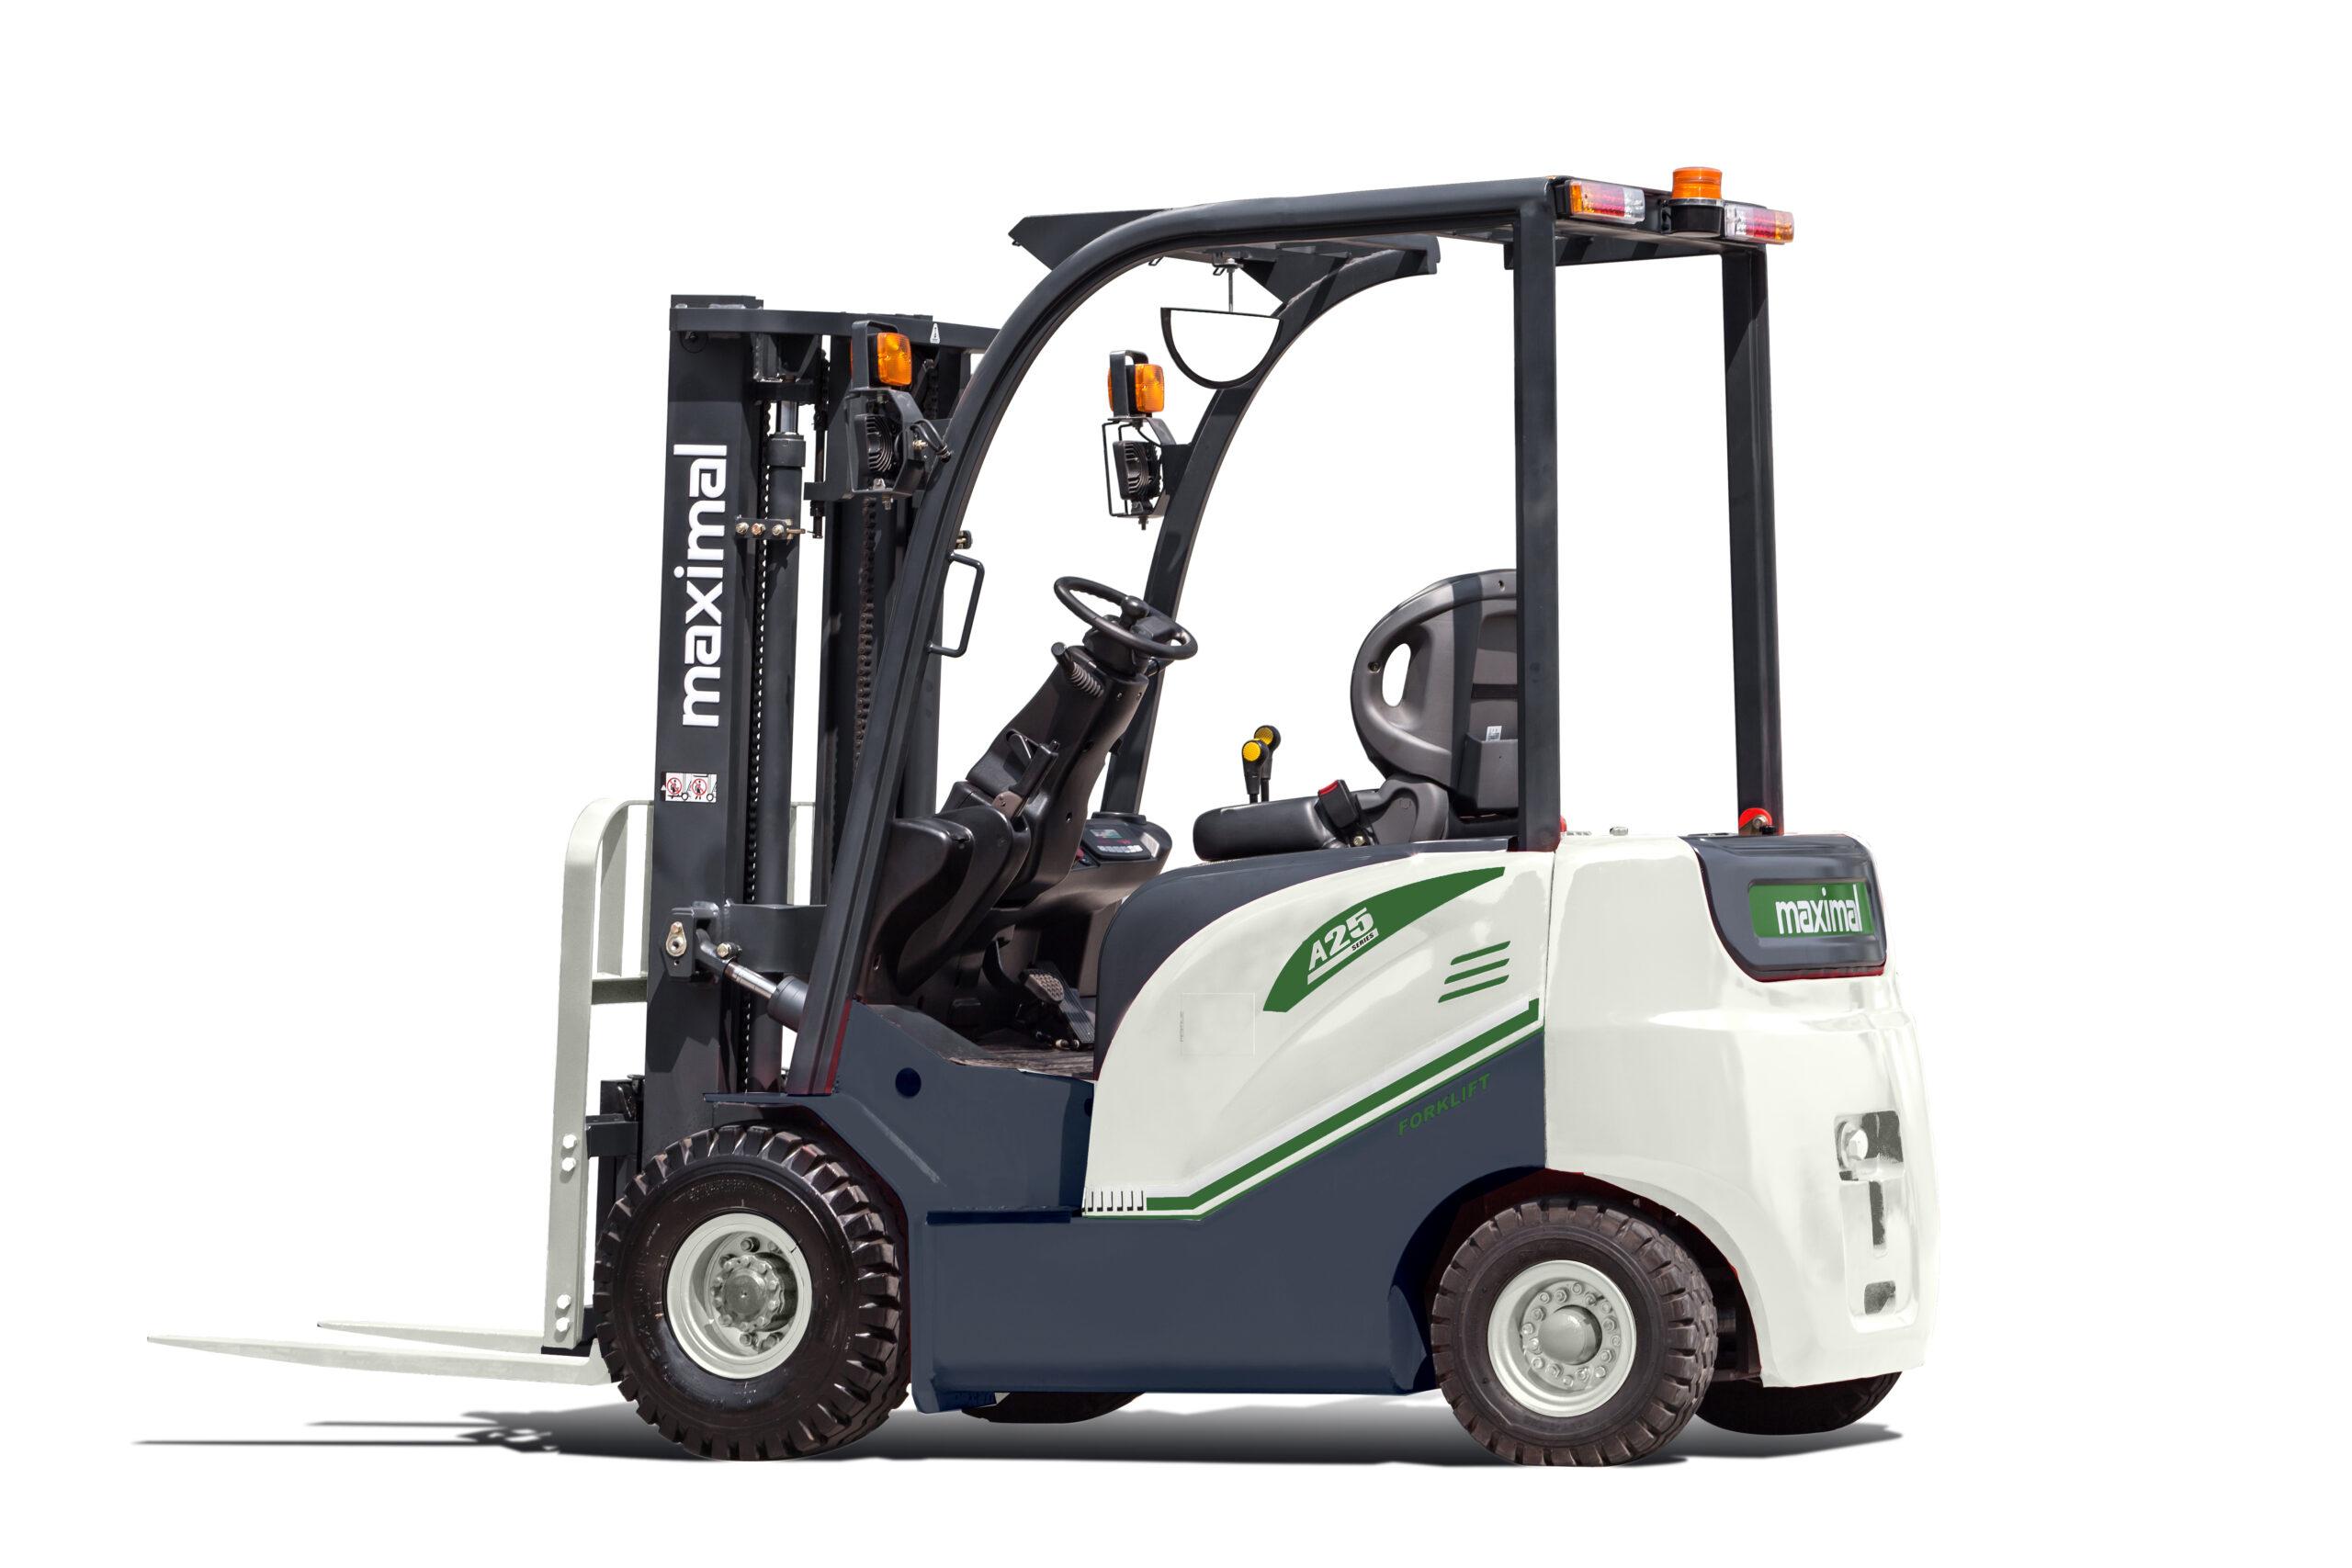 Xe nâng điện Maximal FB25 ắc quy lithium-ion